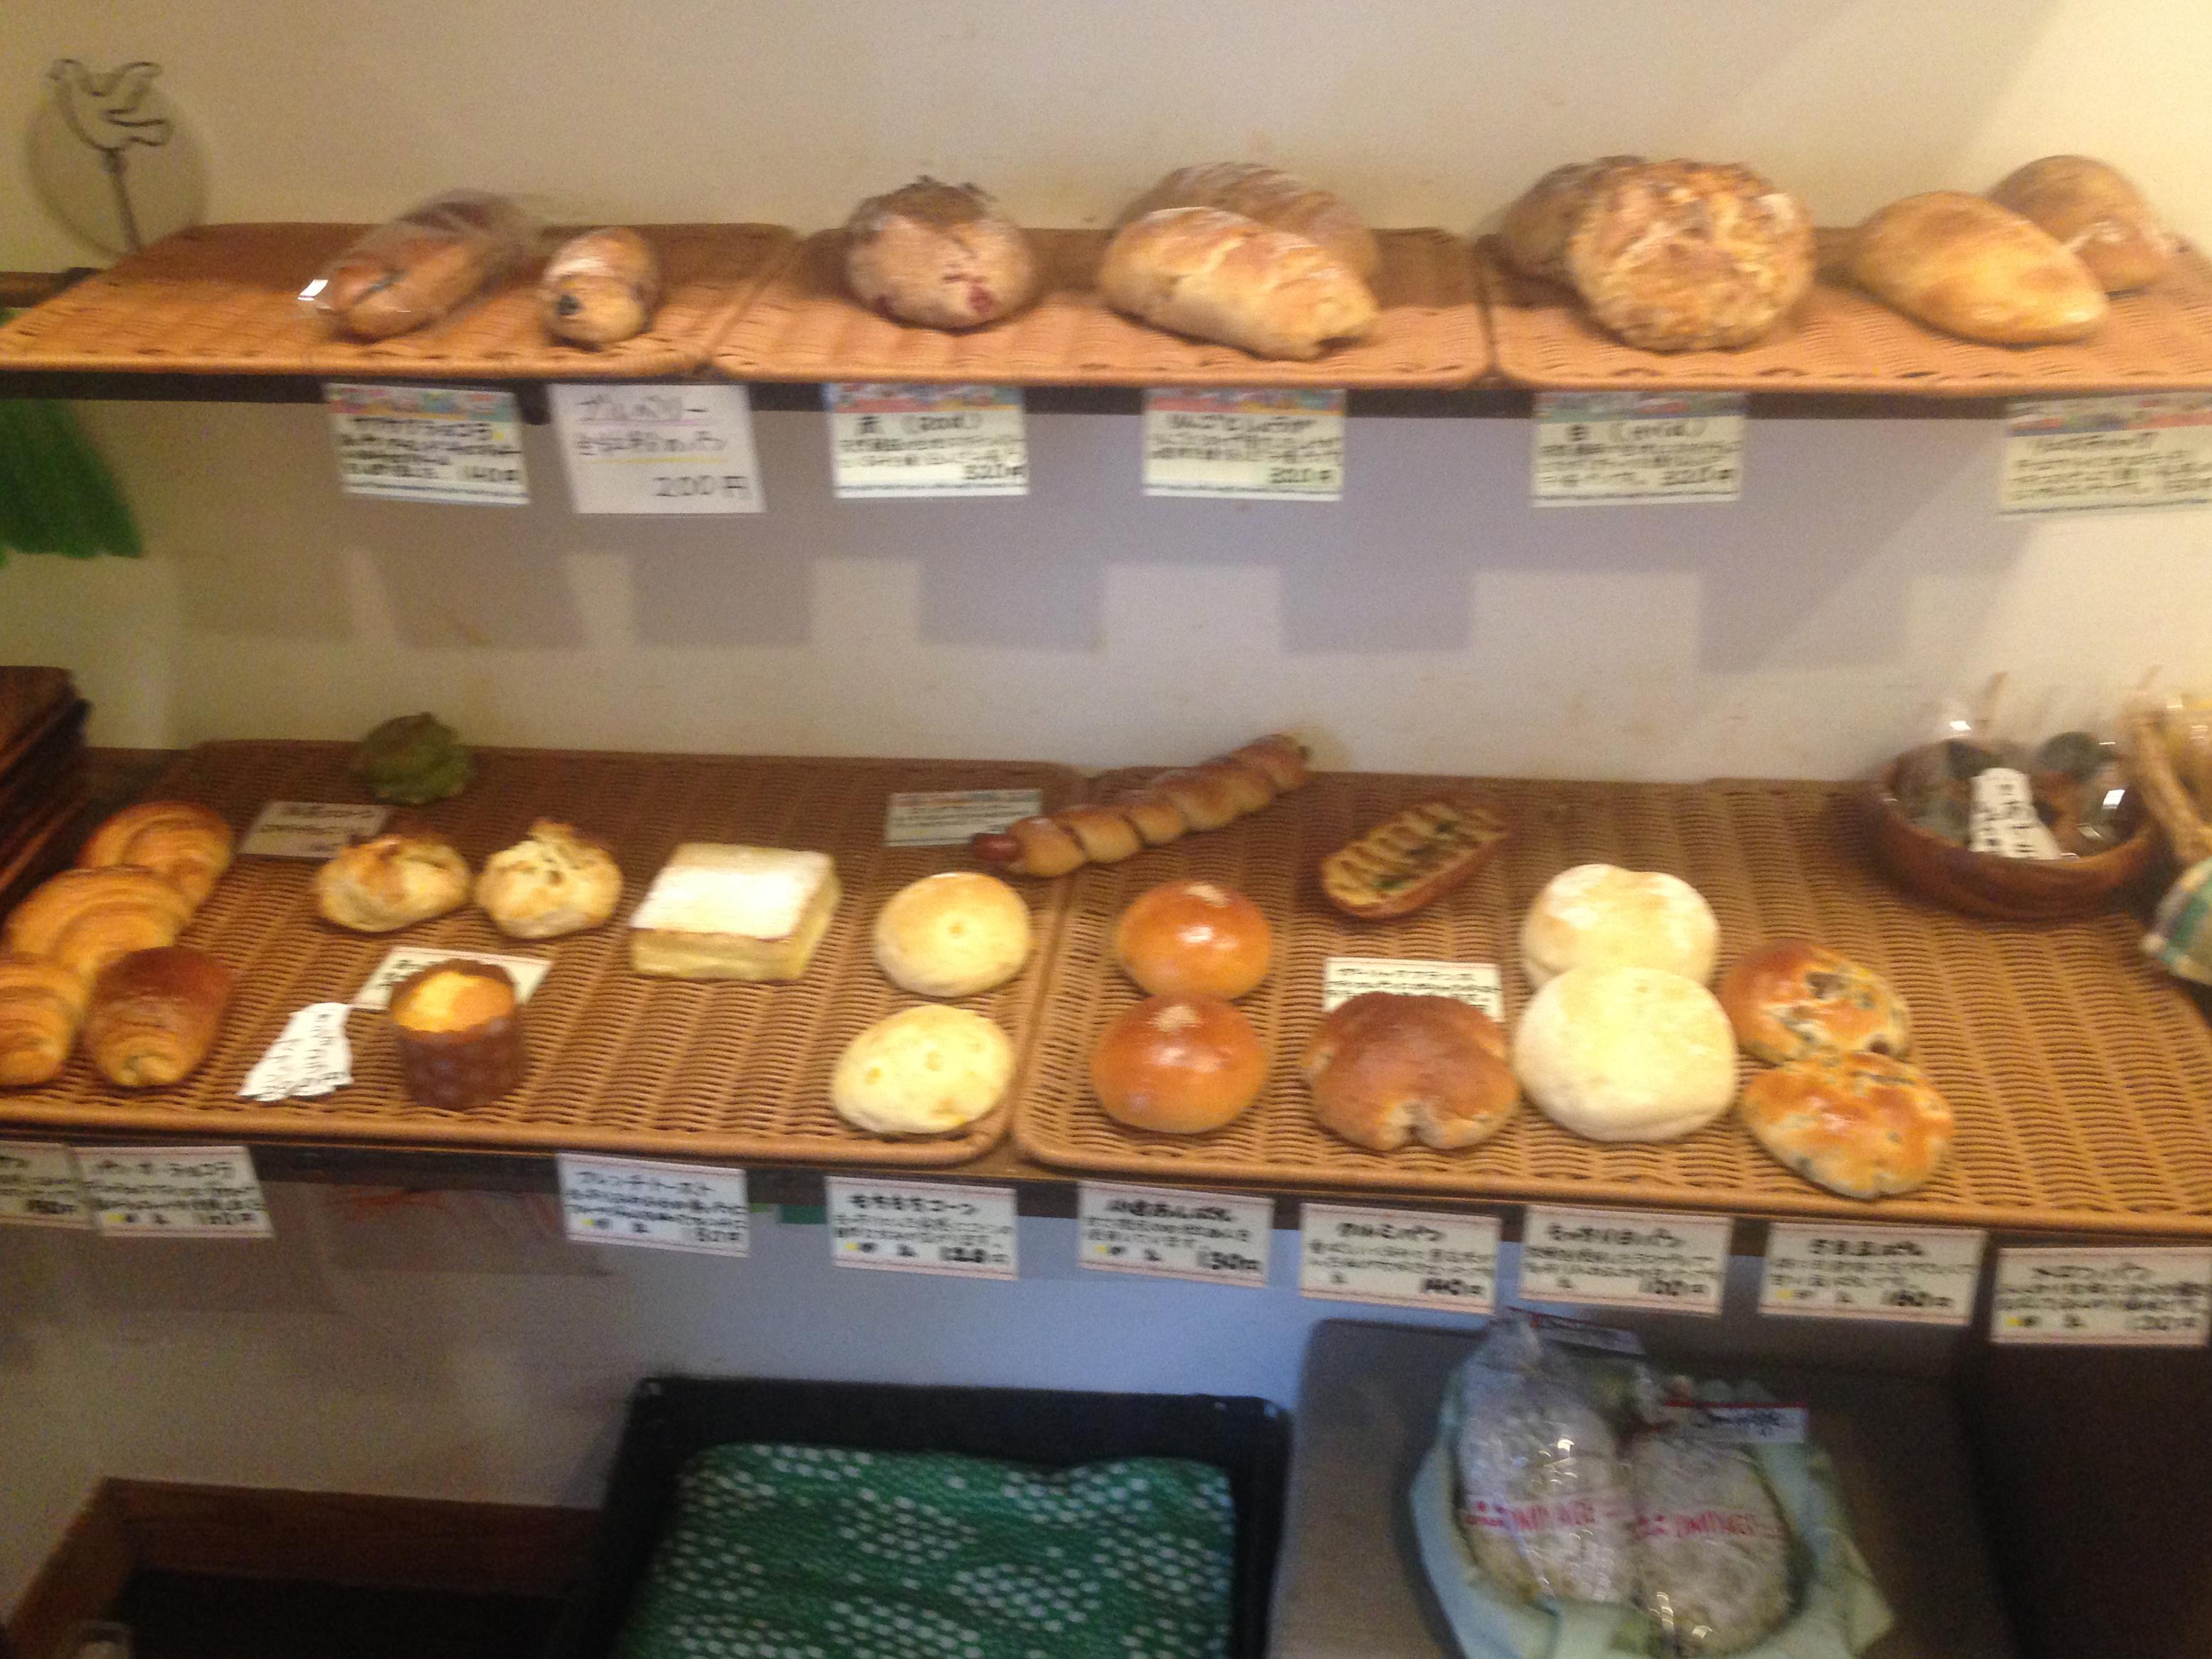 赤羽の街のパン屋さん Lille farのパン